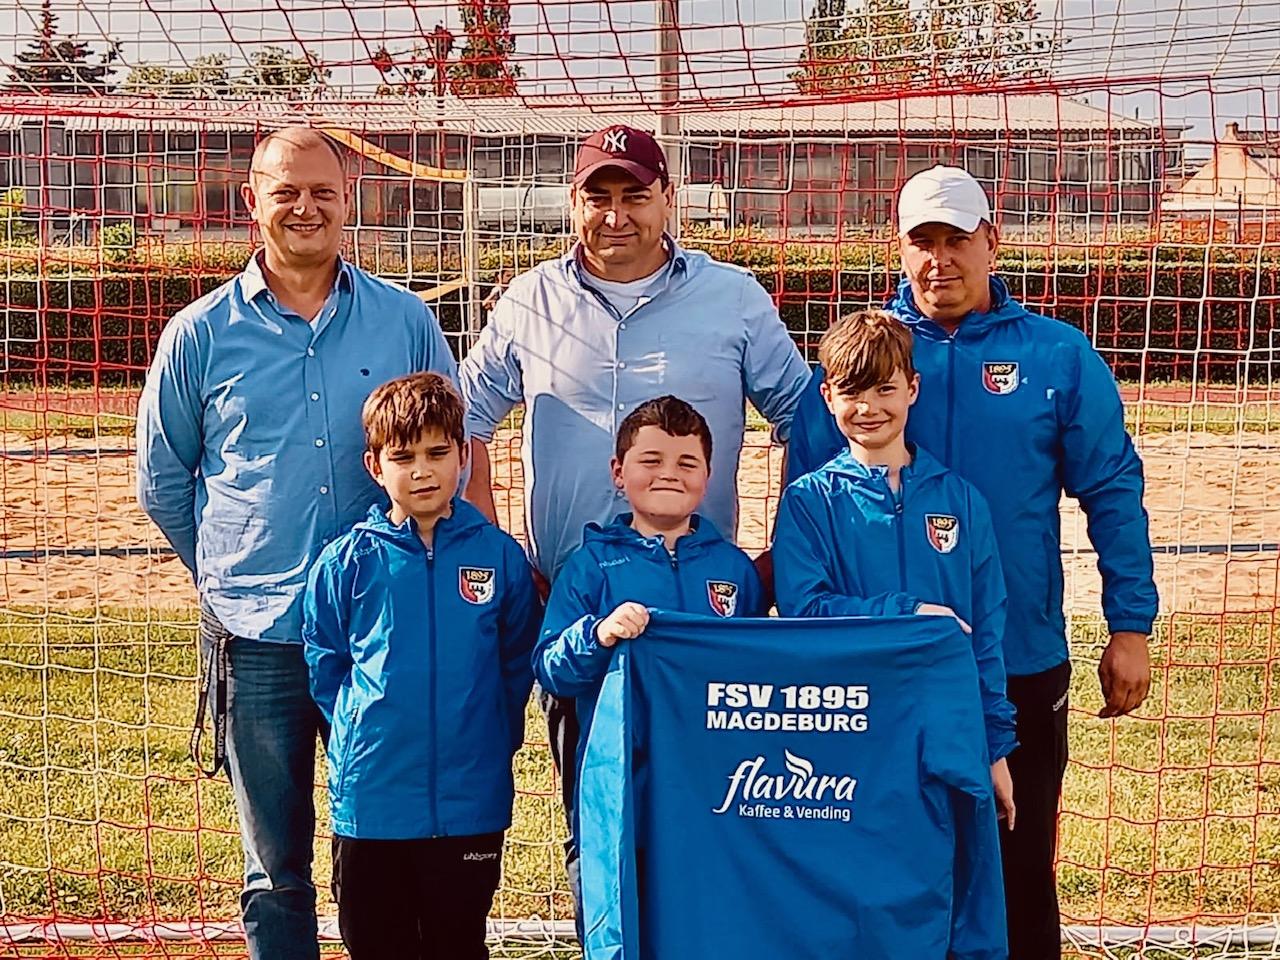 Sportsponsoring: Flavura Kaffee und Vending ist Sponsor der Kinderfußballmannschaft des FSV 1895 Magdeburg